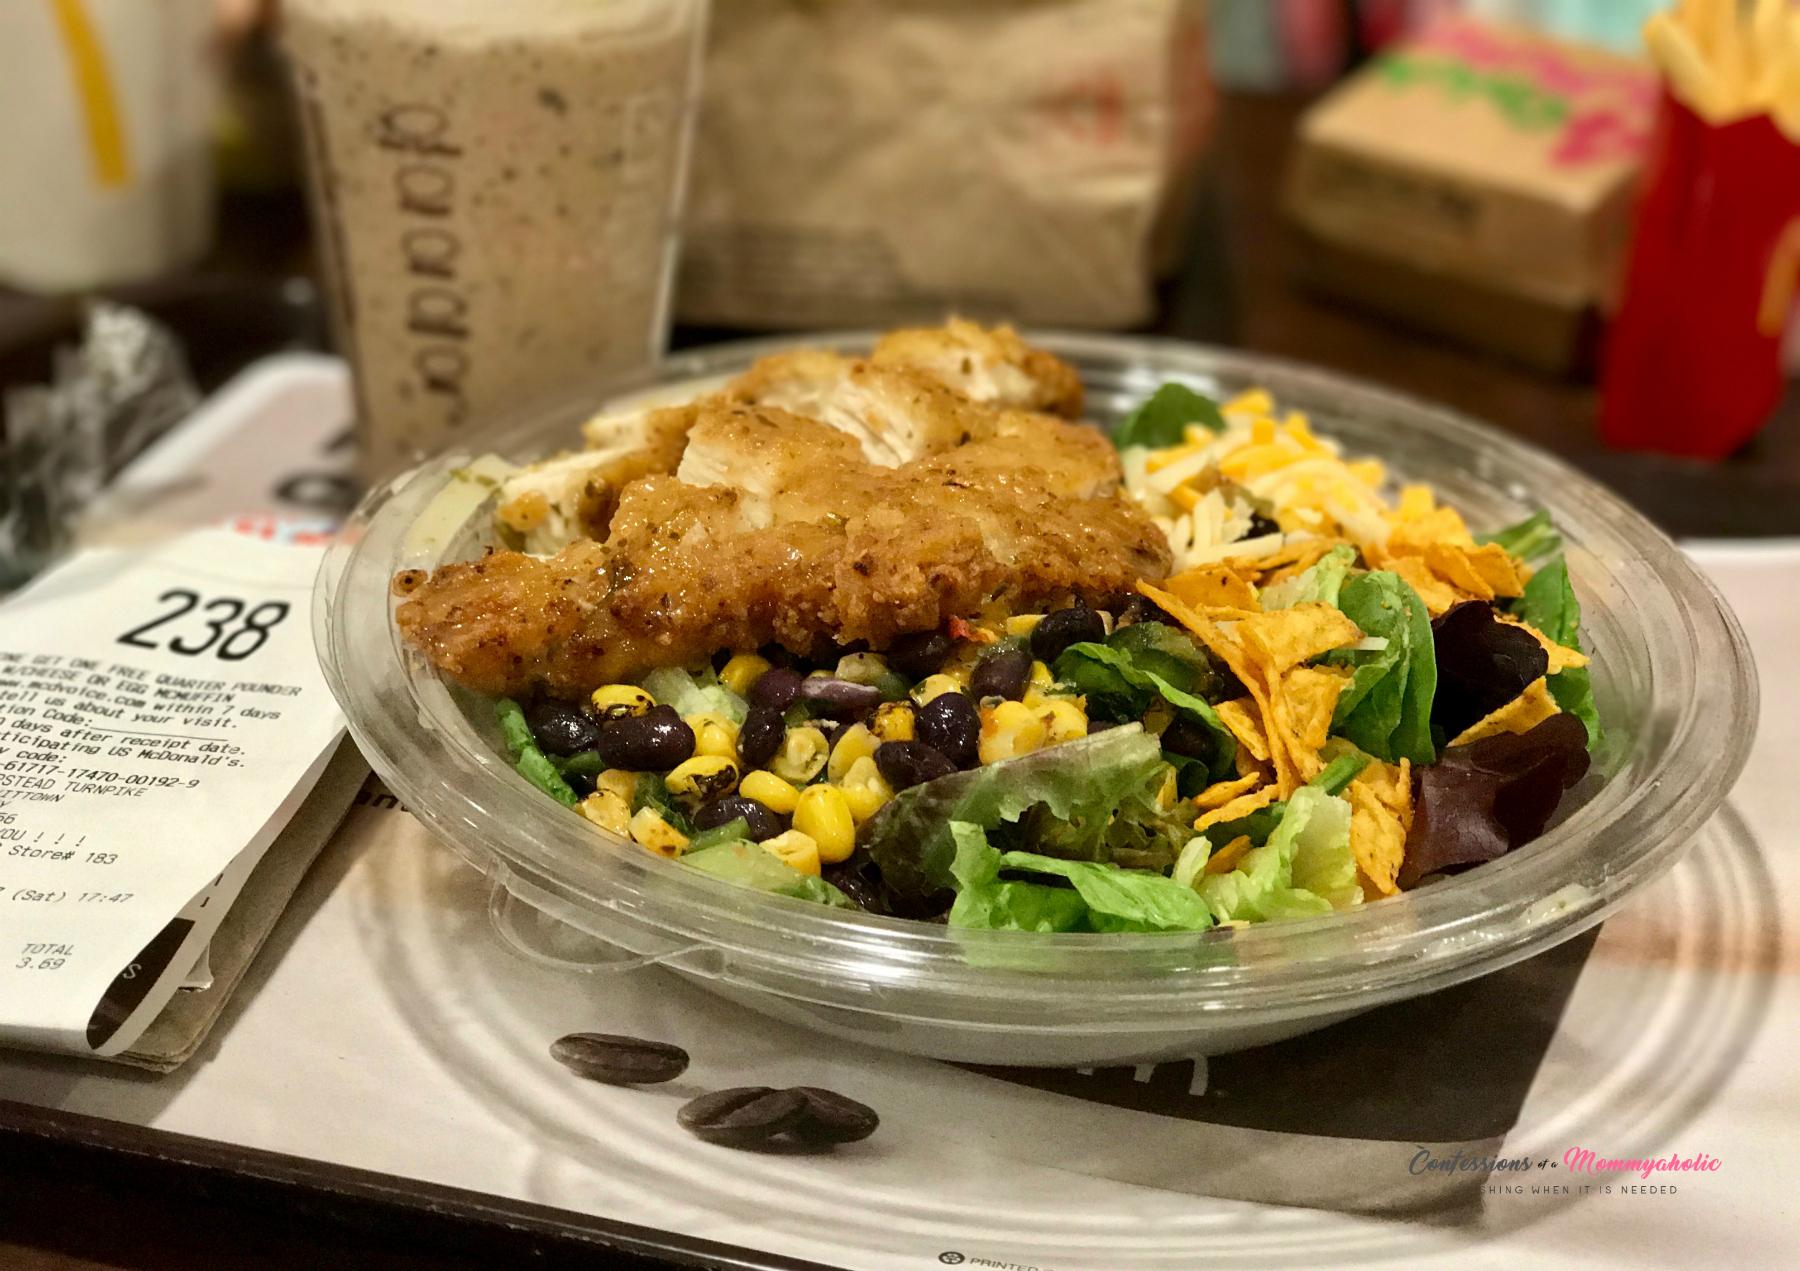 McDonald's Premium Salad